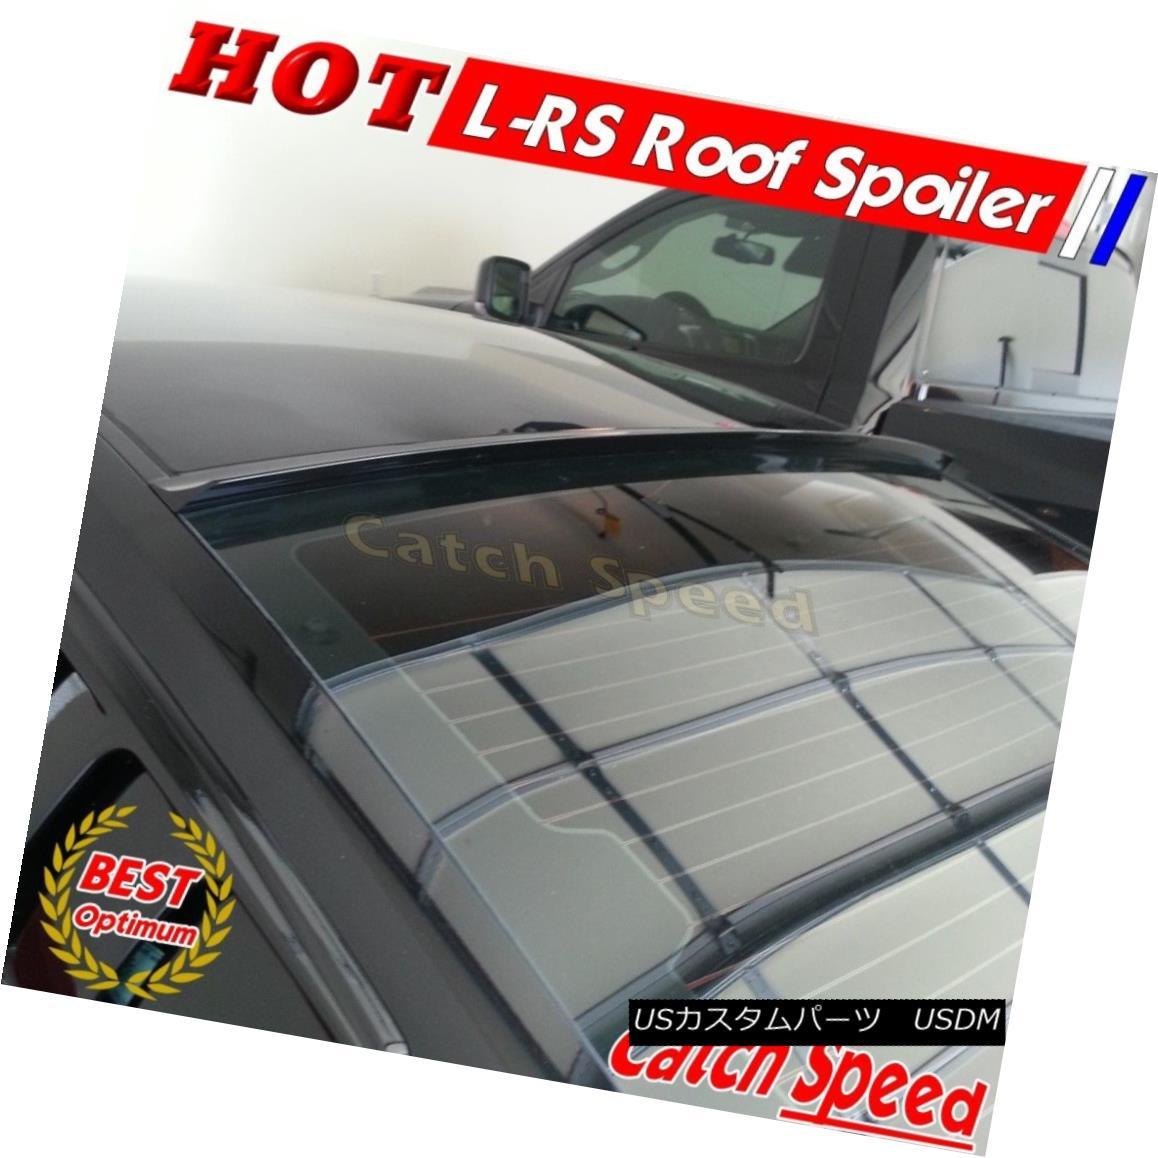 エアロパーツ Flat Black LRS Type Rear Roof Spoiler Wing For Pontiac G5 Sedan 2007-2010 ? Pontiac G5 Sedan 2007-2010用フラットブラックLRSタイプリアルーフスポイラーウイング?